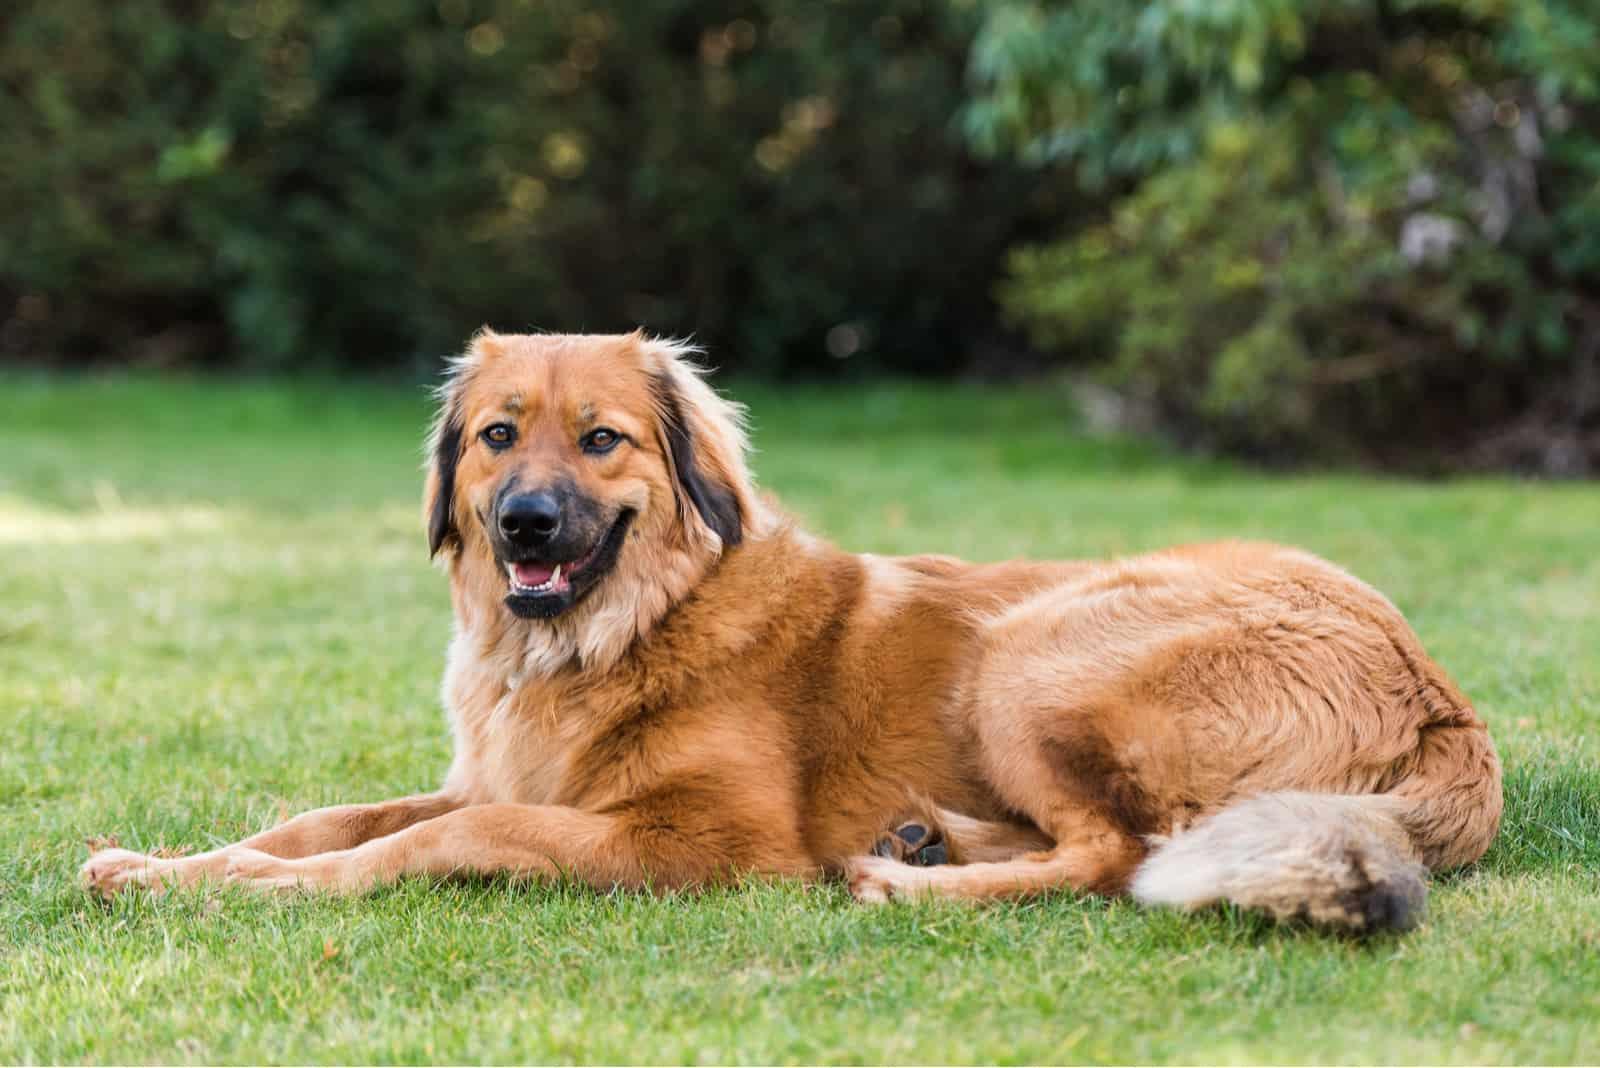 Ein schöner brauner Hund ruht auf der Wiese